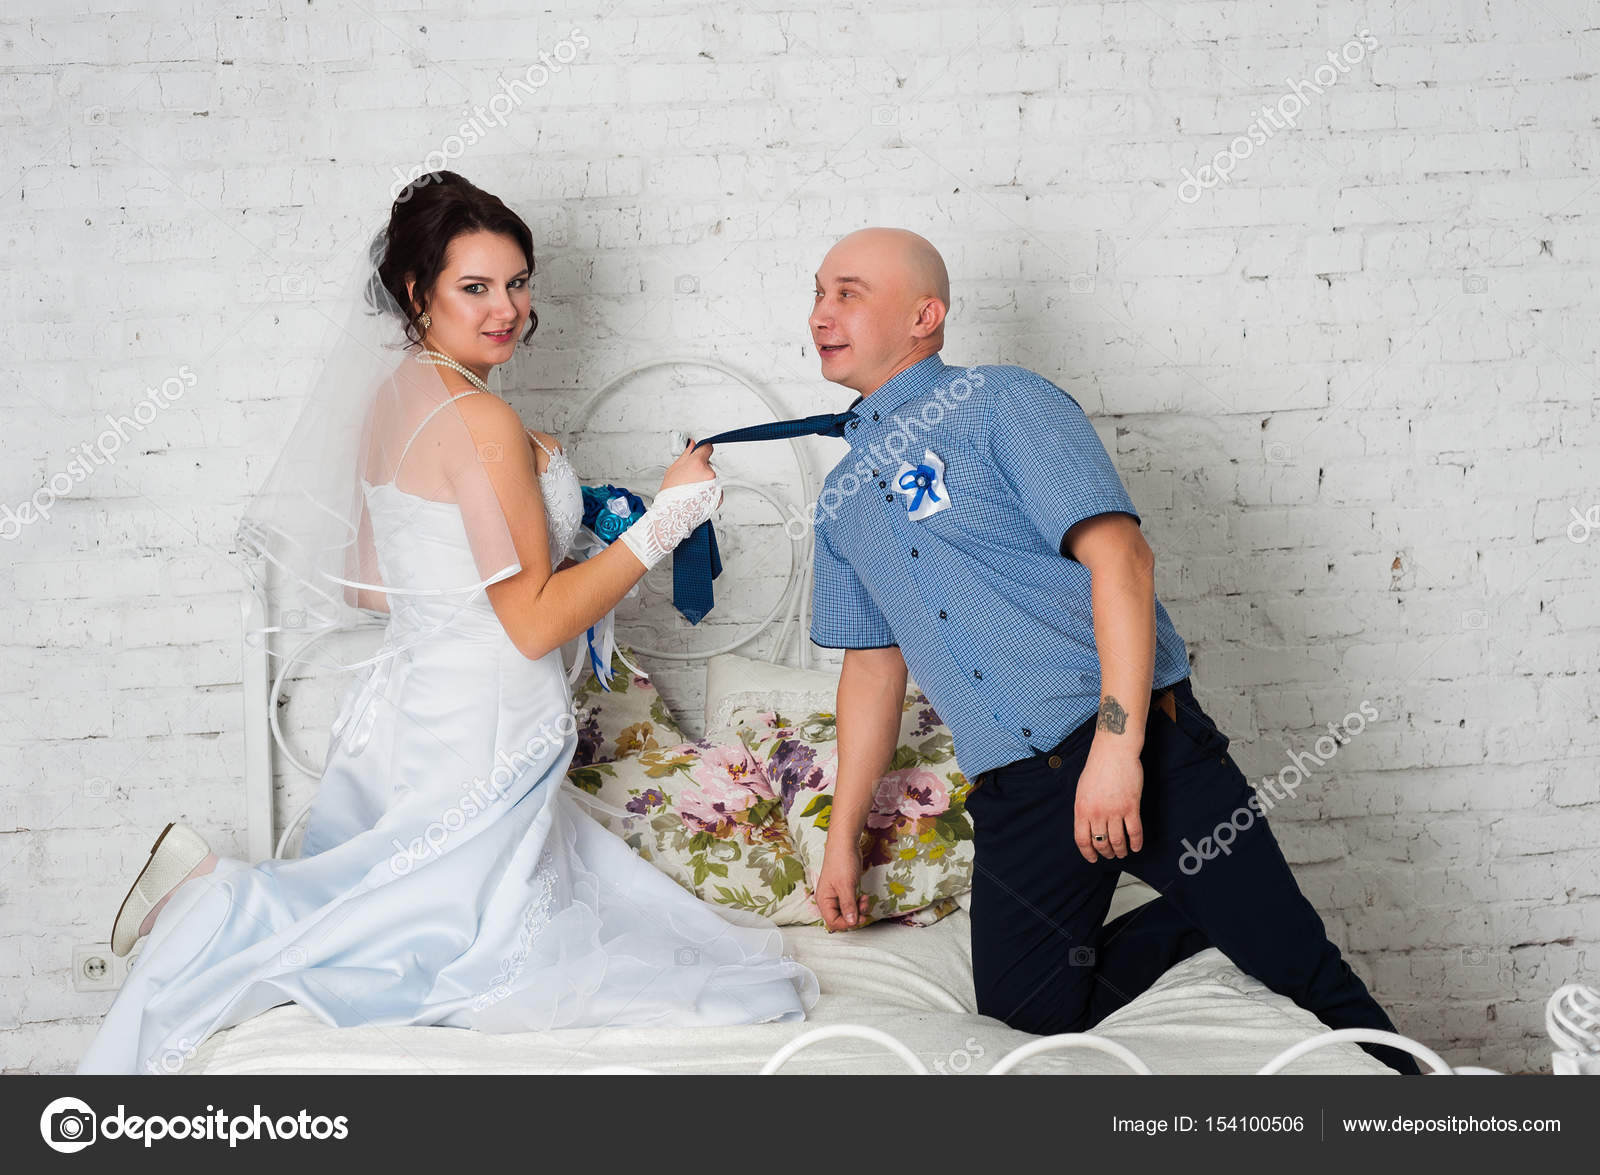 Aparte Jurk Voor Bruiloft.Jong Koppel Trouwen En Het Spelen Van Een Bruiloft Jurk Elkaar